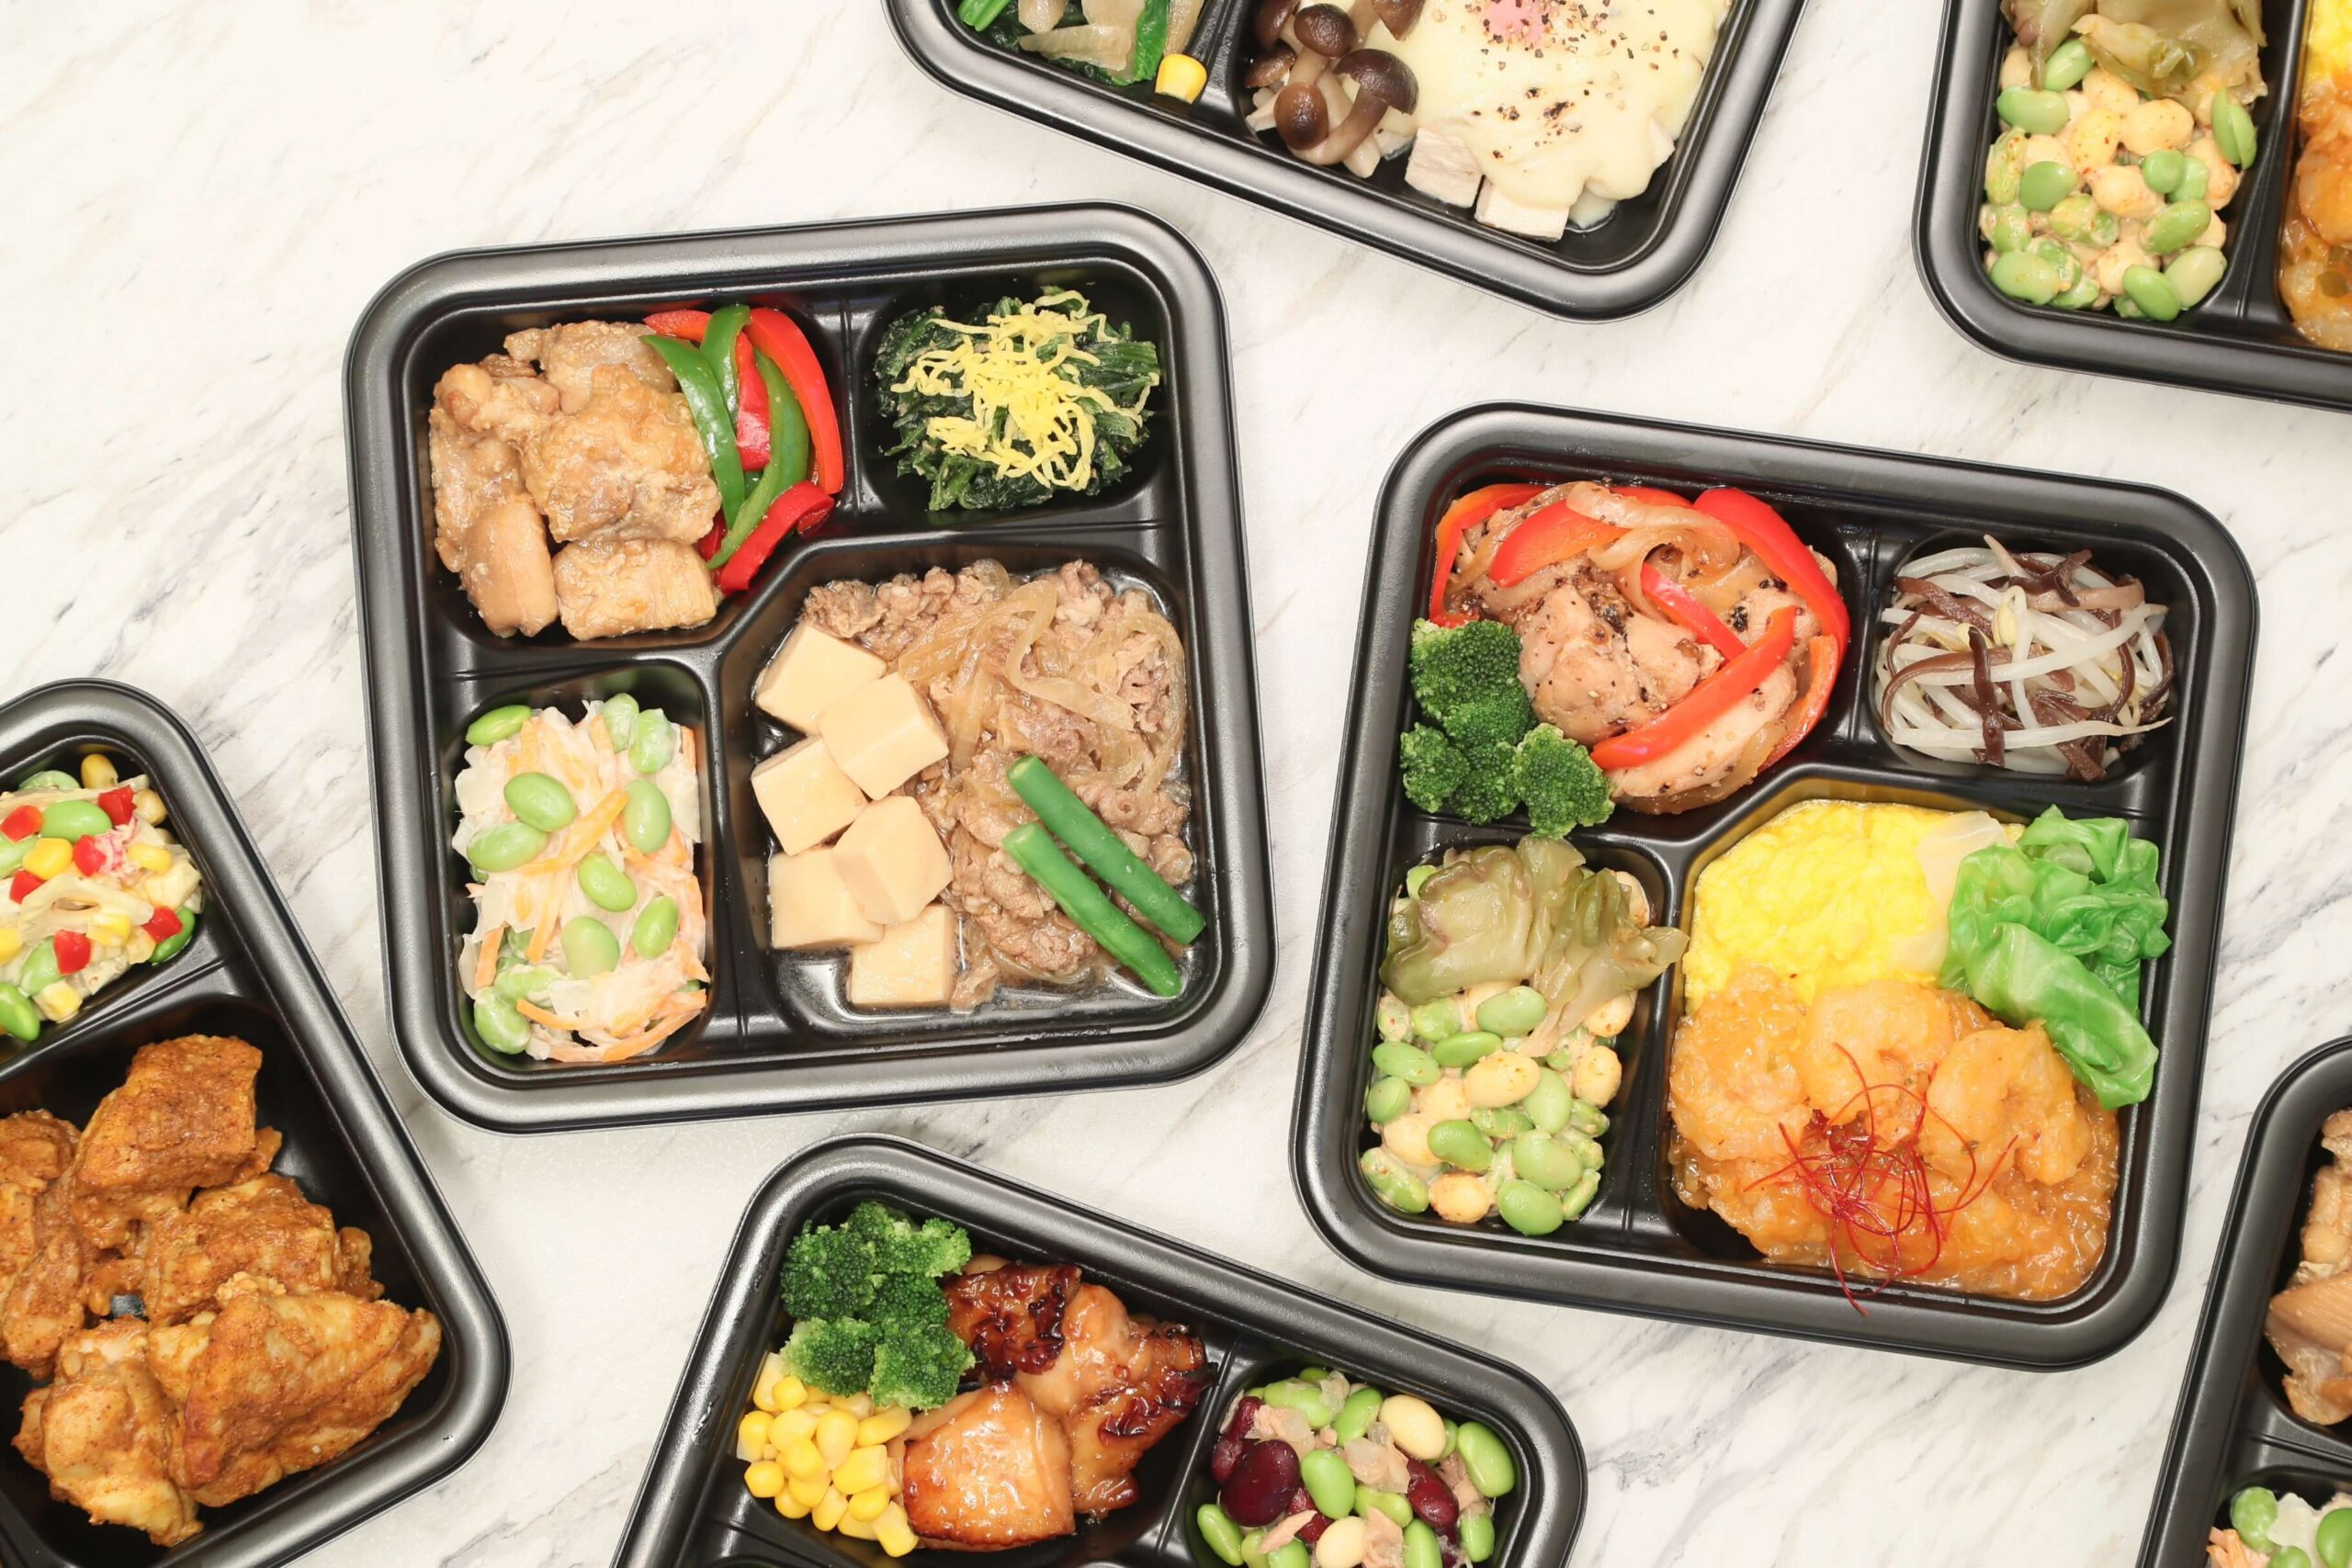 ライザップ(RIZAP)で食事制限してダイエットする際に使う宅食用ボディメイク冷凍弁当「サポートミール」(健康食品)を複数個並べた写真